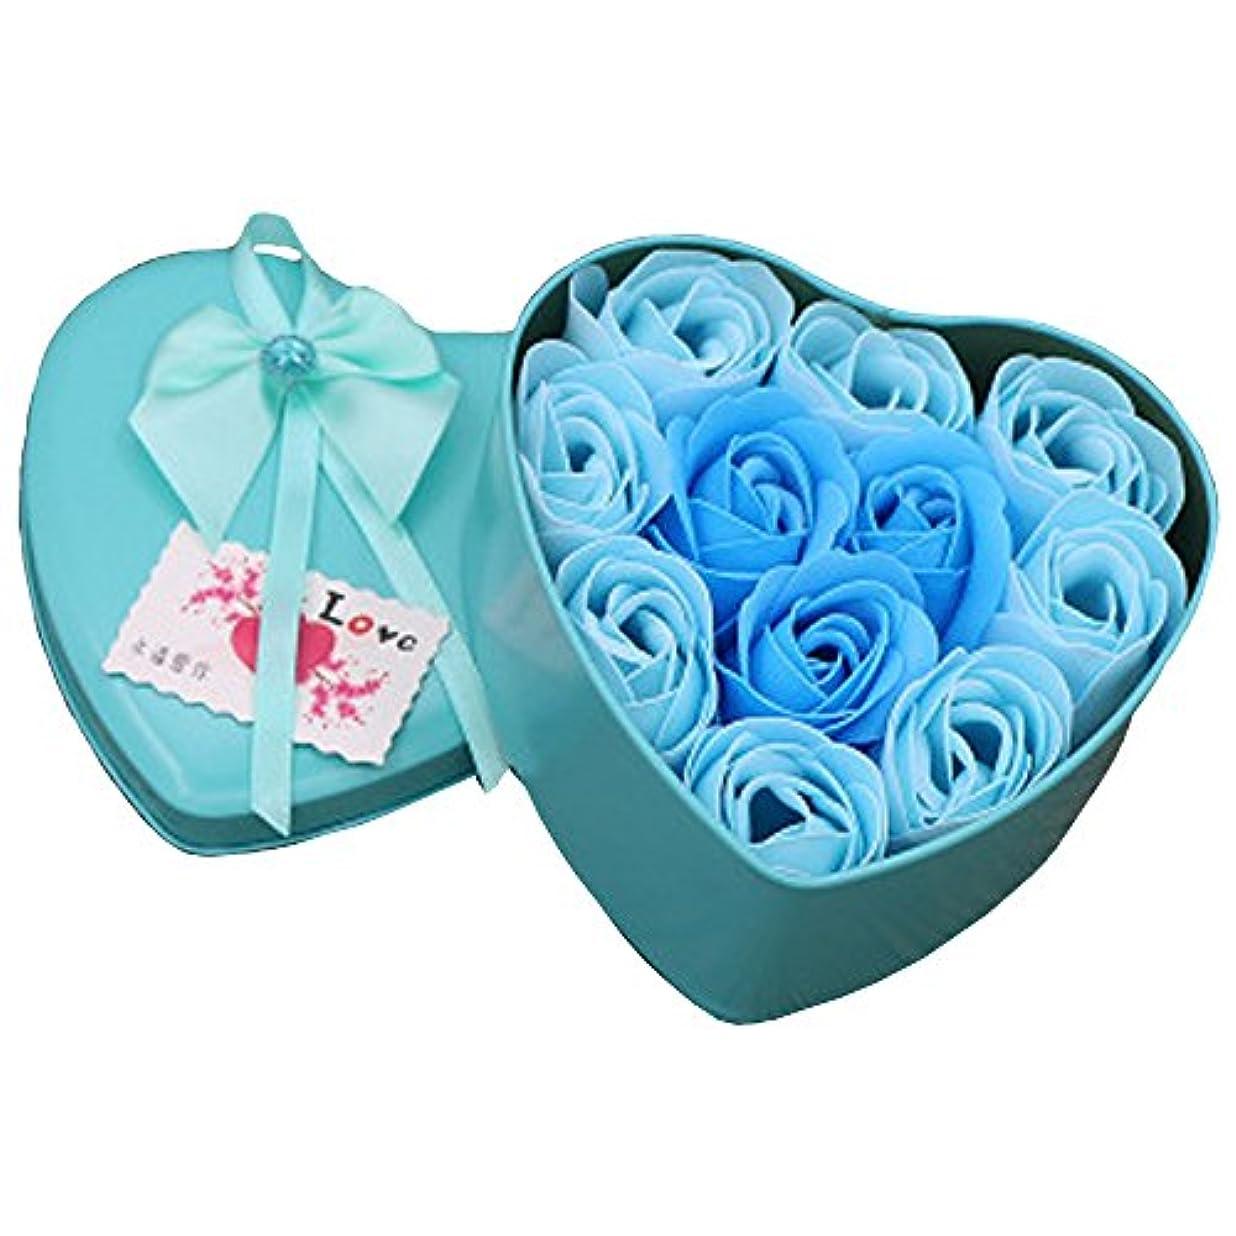 軽量脆いマーカーiCoole ソープフラワー 石鹸花 ハードフラワー形状 ギフトボックス入り 母の日 バレンタインデー お誕生日 ギフト